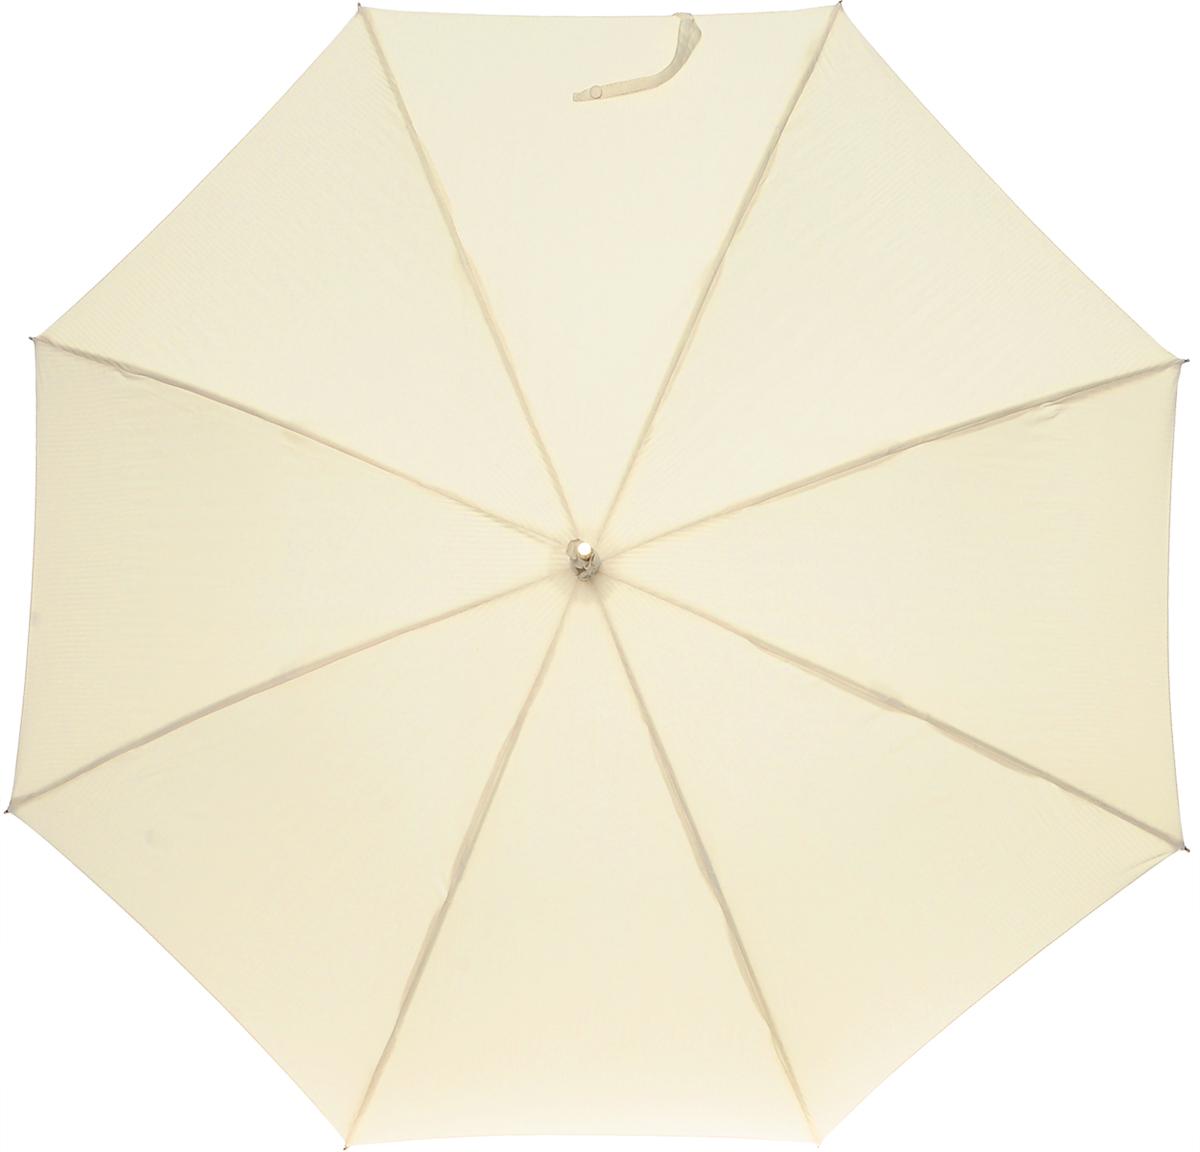 Зонт-трость женский Vogue, цвет: бежевый. 103 V45100738/18076/4D00NСтильный зонт-трость Vouge даже в ненастную погоду позволит вам оставаться стильной и элегантной. Каркас зонта выполнен из восьми металлических спиц, удобная закругленная рукоятка из искусственной кожи с лаковым покрытием. К ручке крепится съемный шнурок с декоративной кисточкой. Купол зонта выполнен из полиэстера. Зонт механического сложения: купол открывается и закрывается вручную до характерного щелчка Характеристики: Материал: полиэстер, пластик, металл. Цвет:бежевый. Производитель:Испания. Артикул: 103 V.